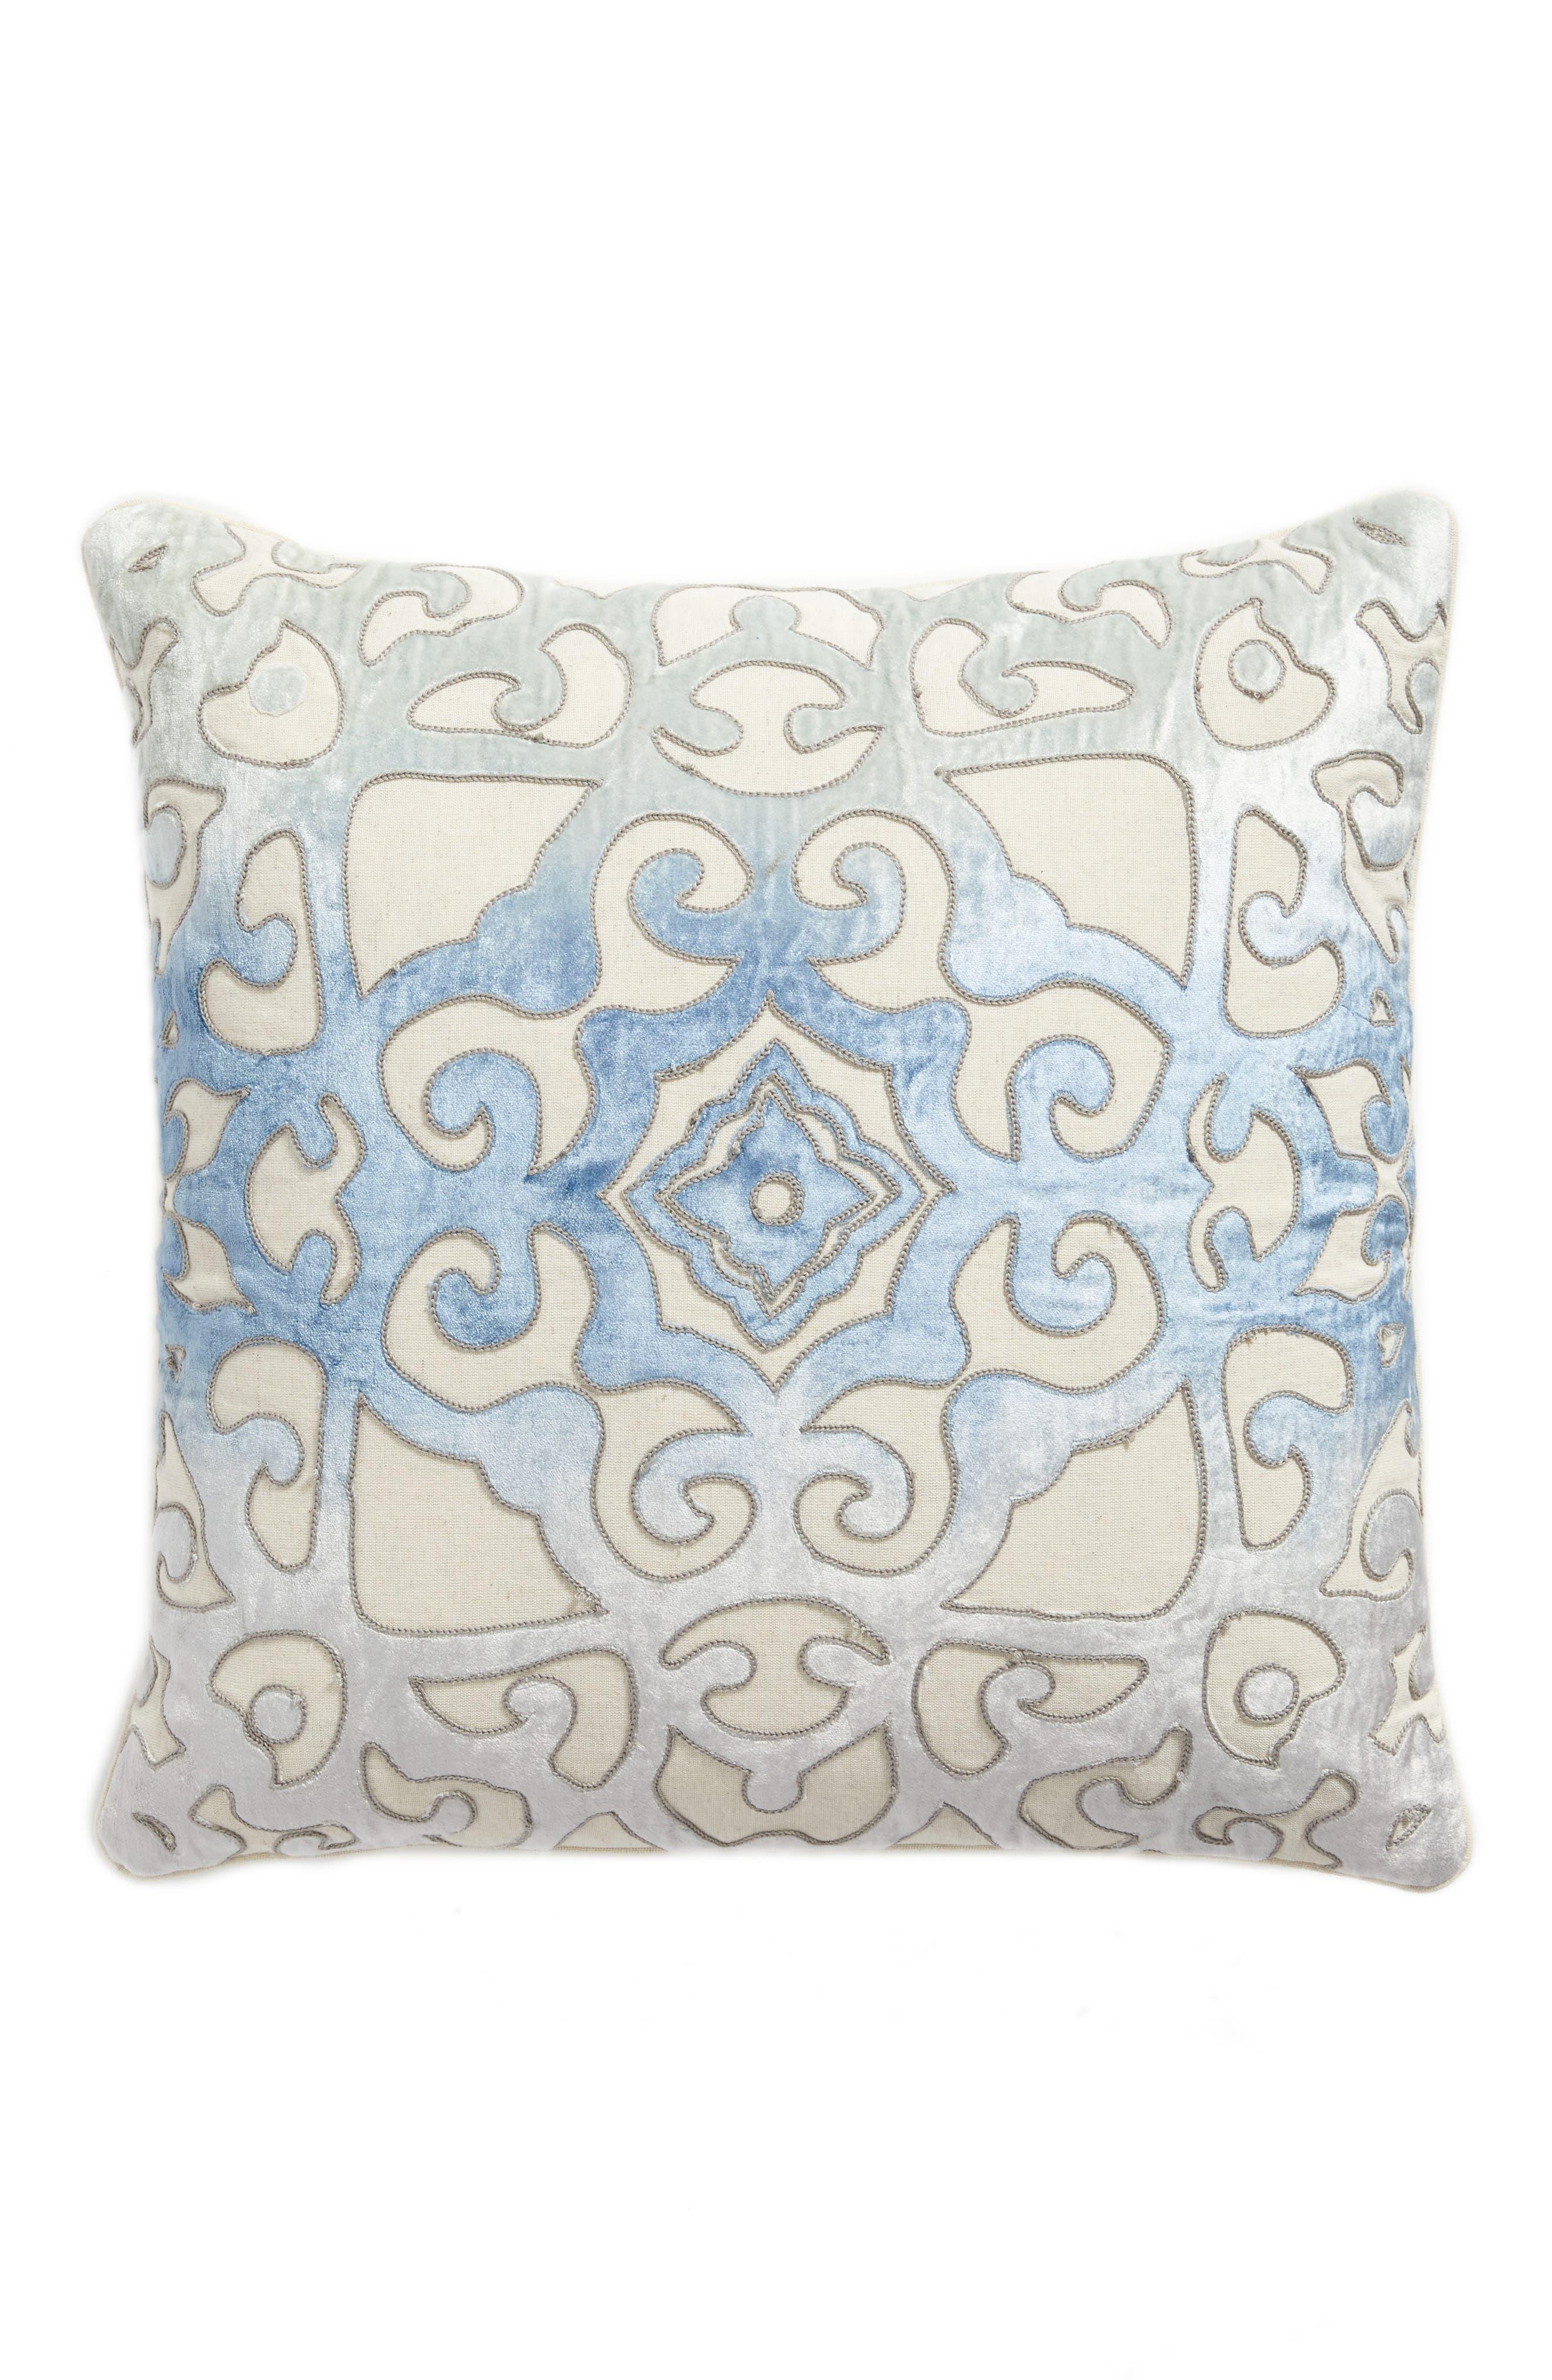 Velvet Cutout Accent Pillow,                             Main thumbnail 1, color,                             400